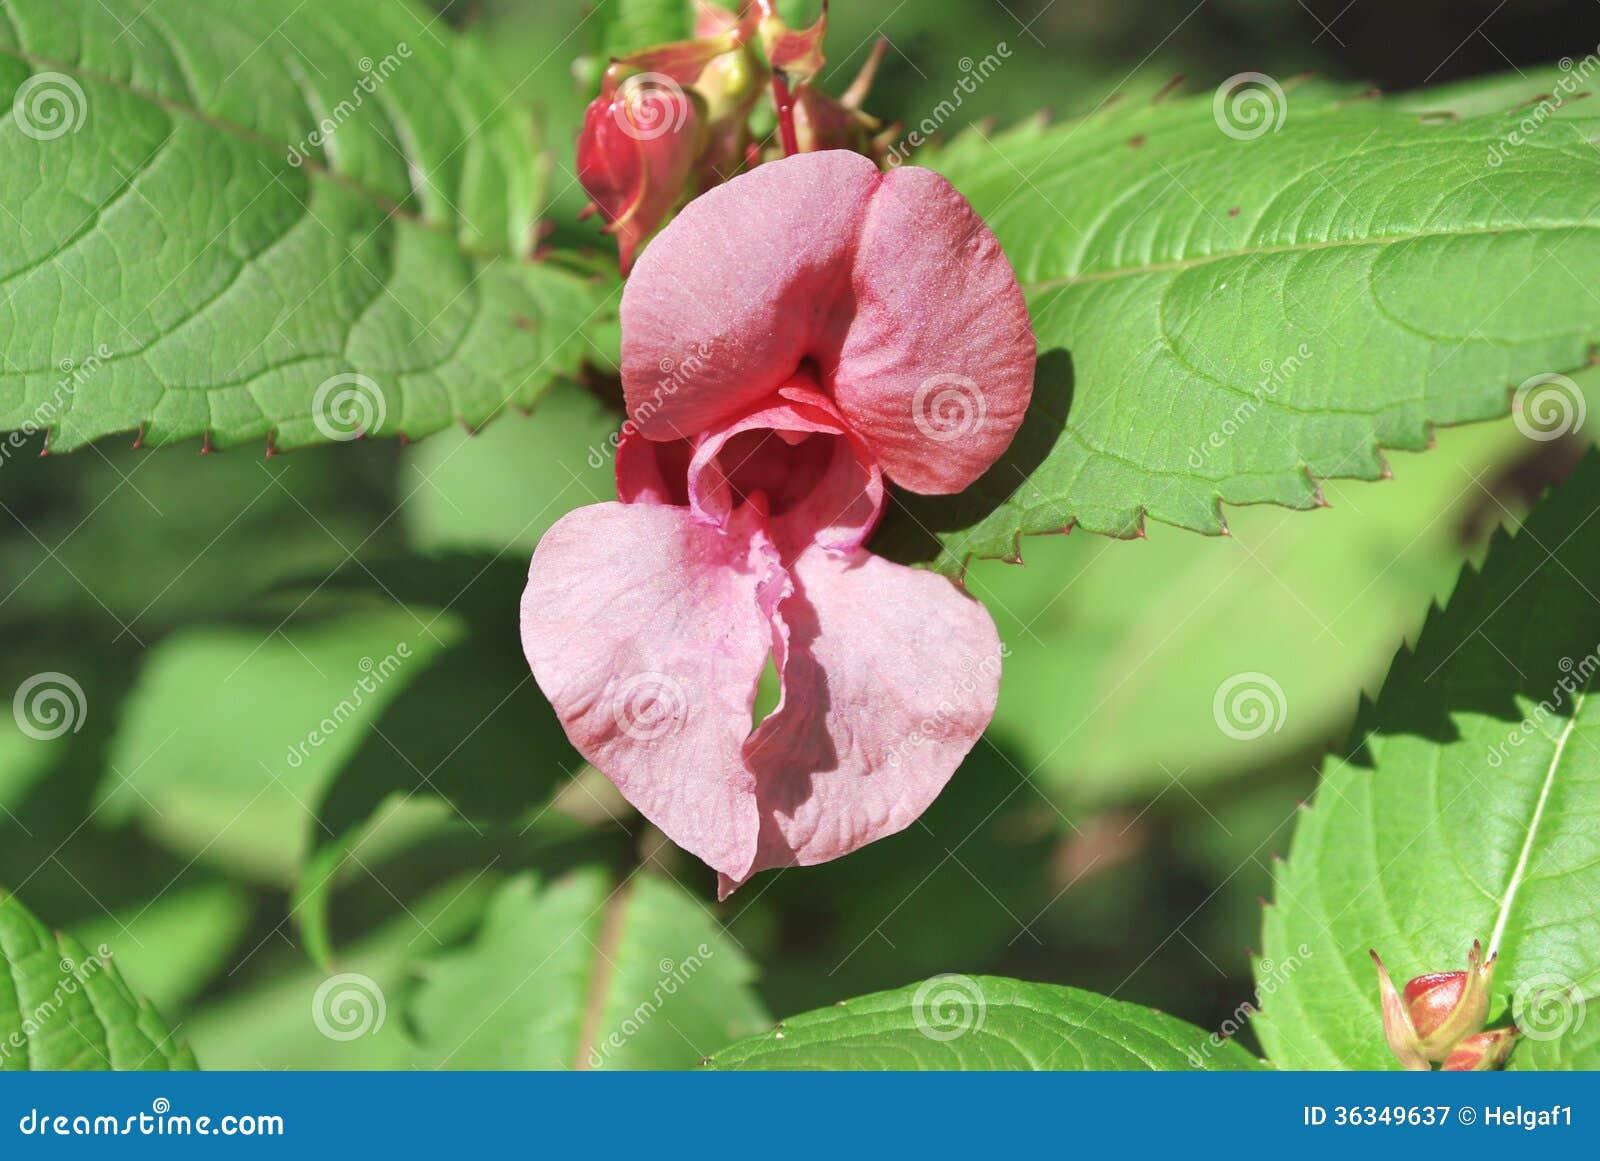 erotische rosa blume stockbild bild von blatt empfindlich 36349637. Black Bedroom Furniture Sets. Home Design Ideas